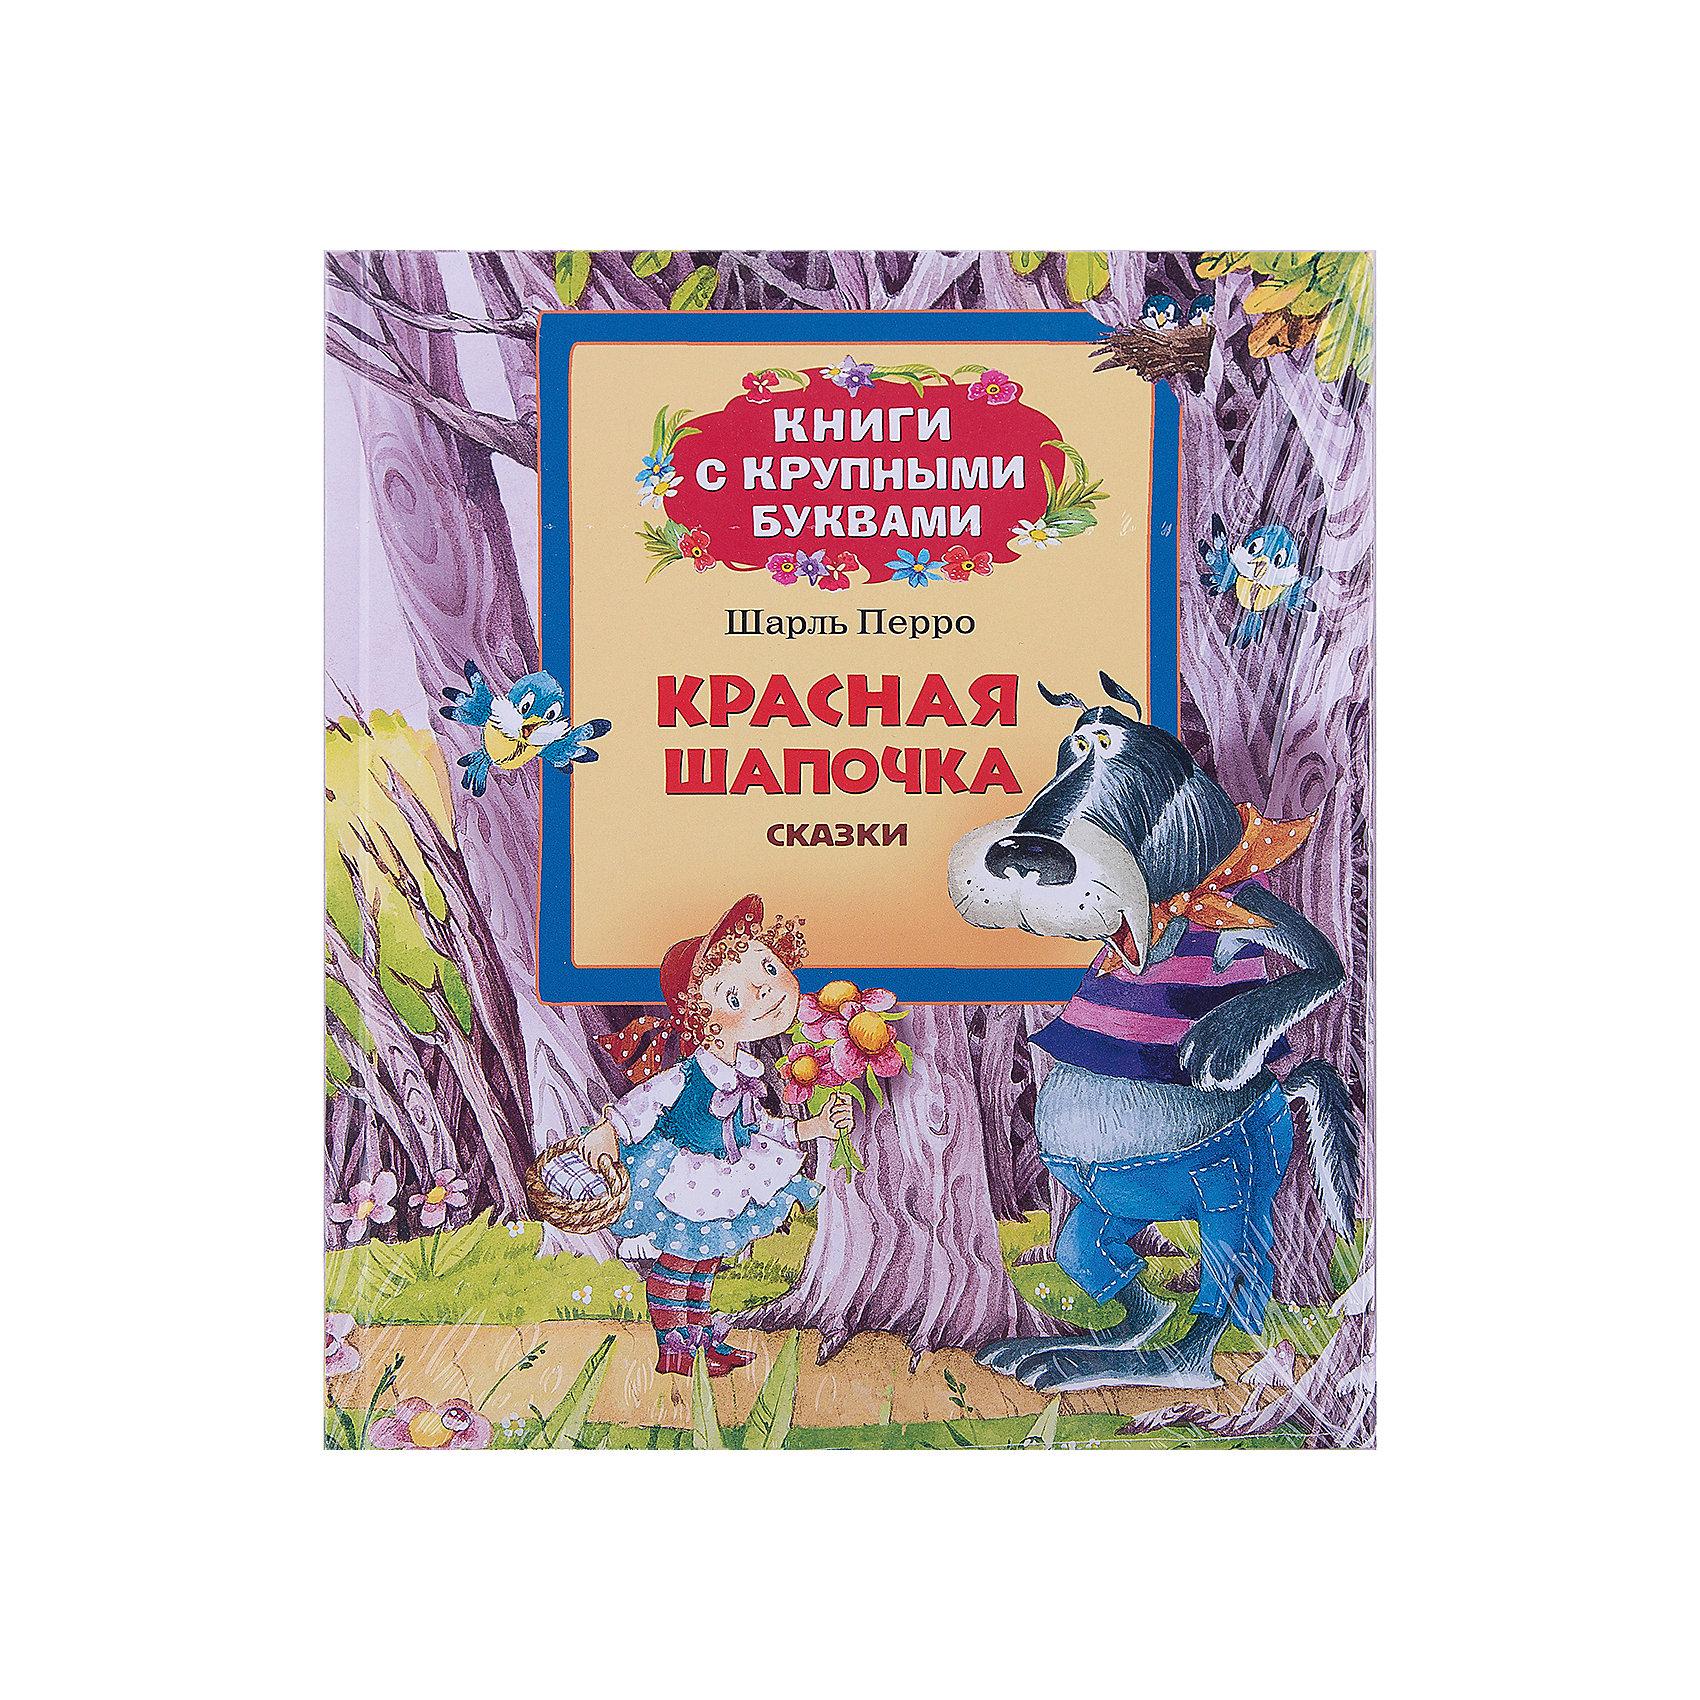 Росмэн Книга с крупными буквами Красная шапочка, Ш. Перро диафильм светлячок красная шапочка ш перро